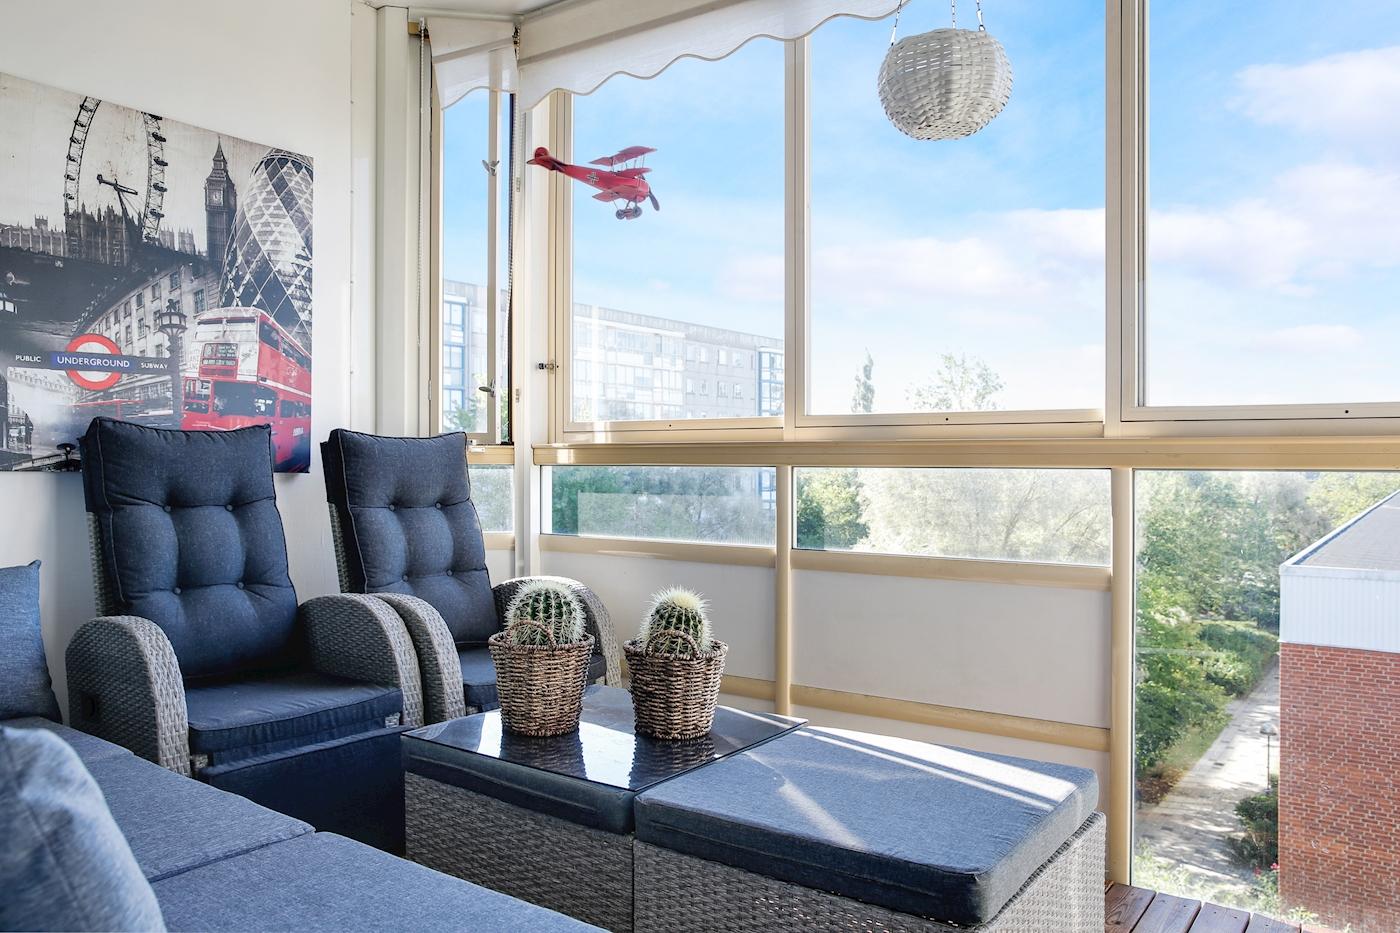 Stor, inglasad balkong med fri utsikt.